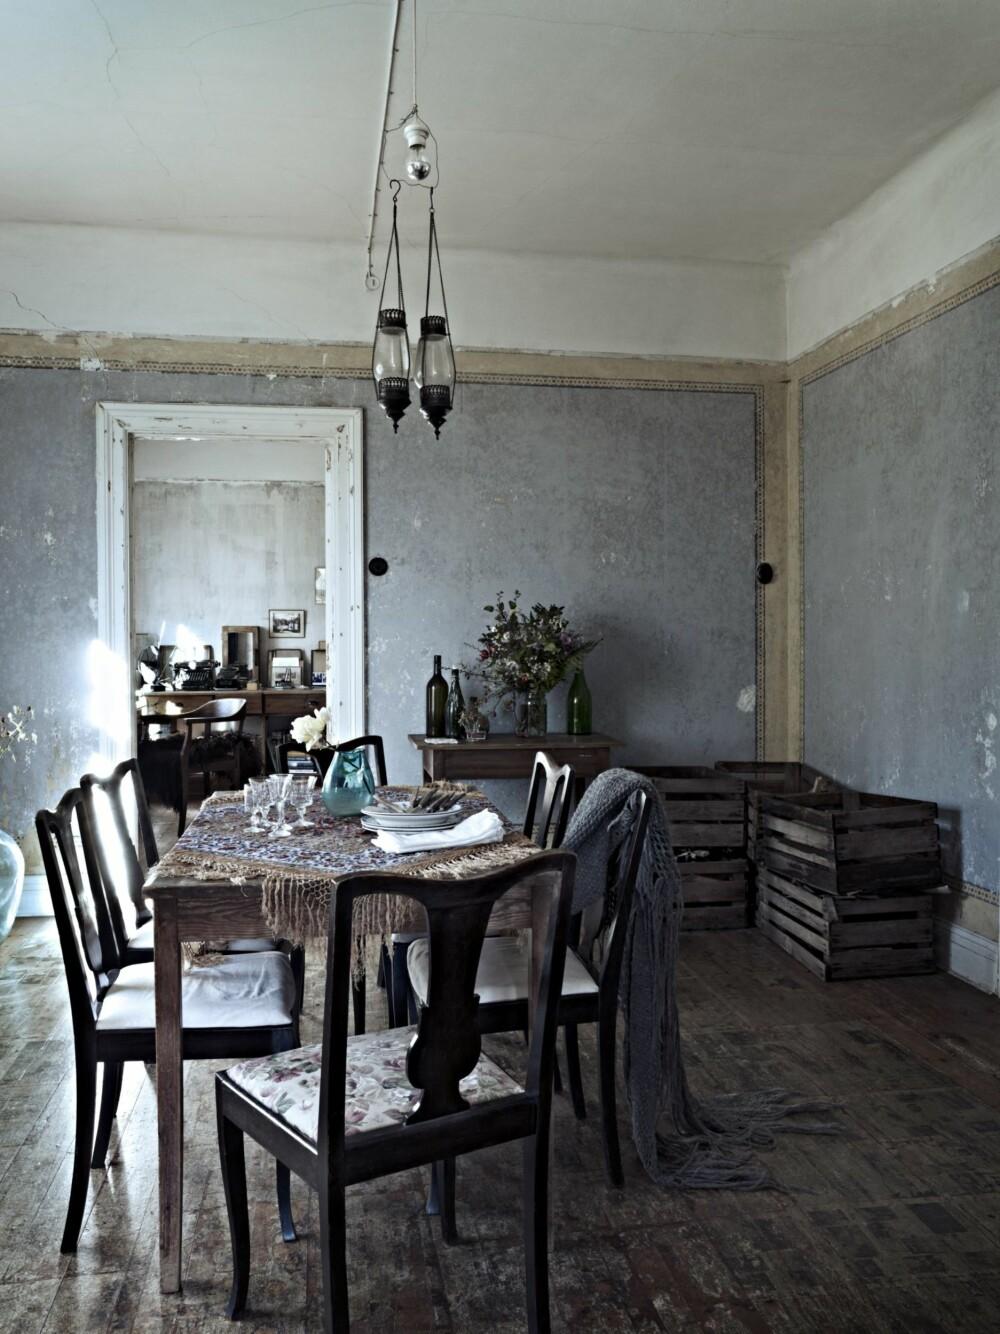 HISTORIE I VEGGER OG GULV: Under gulvbelegget i spisestuen lå det gamle aviser som isolasjon. Avisene hadde satt avtrykk på plankene under. For å bevare avtrykkene, ble gulvet behandlet med klarlakk. Spisebordet er et loppemarkedfunn som Christina fikk for 10 kroner.